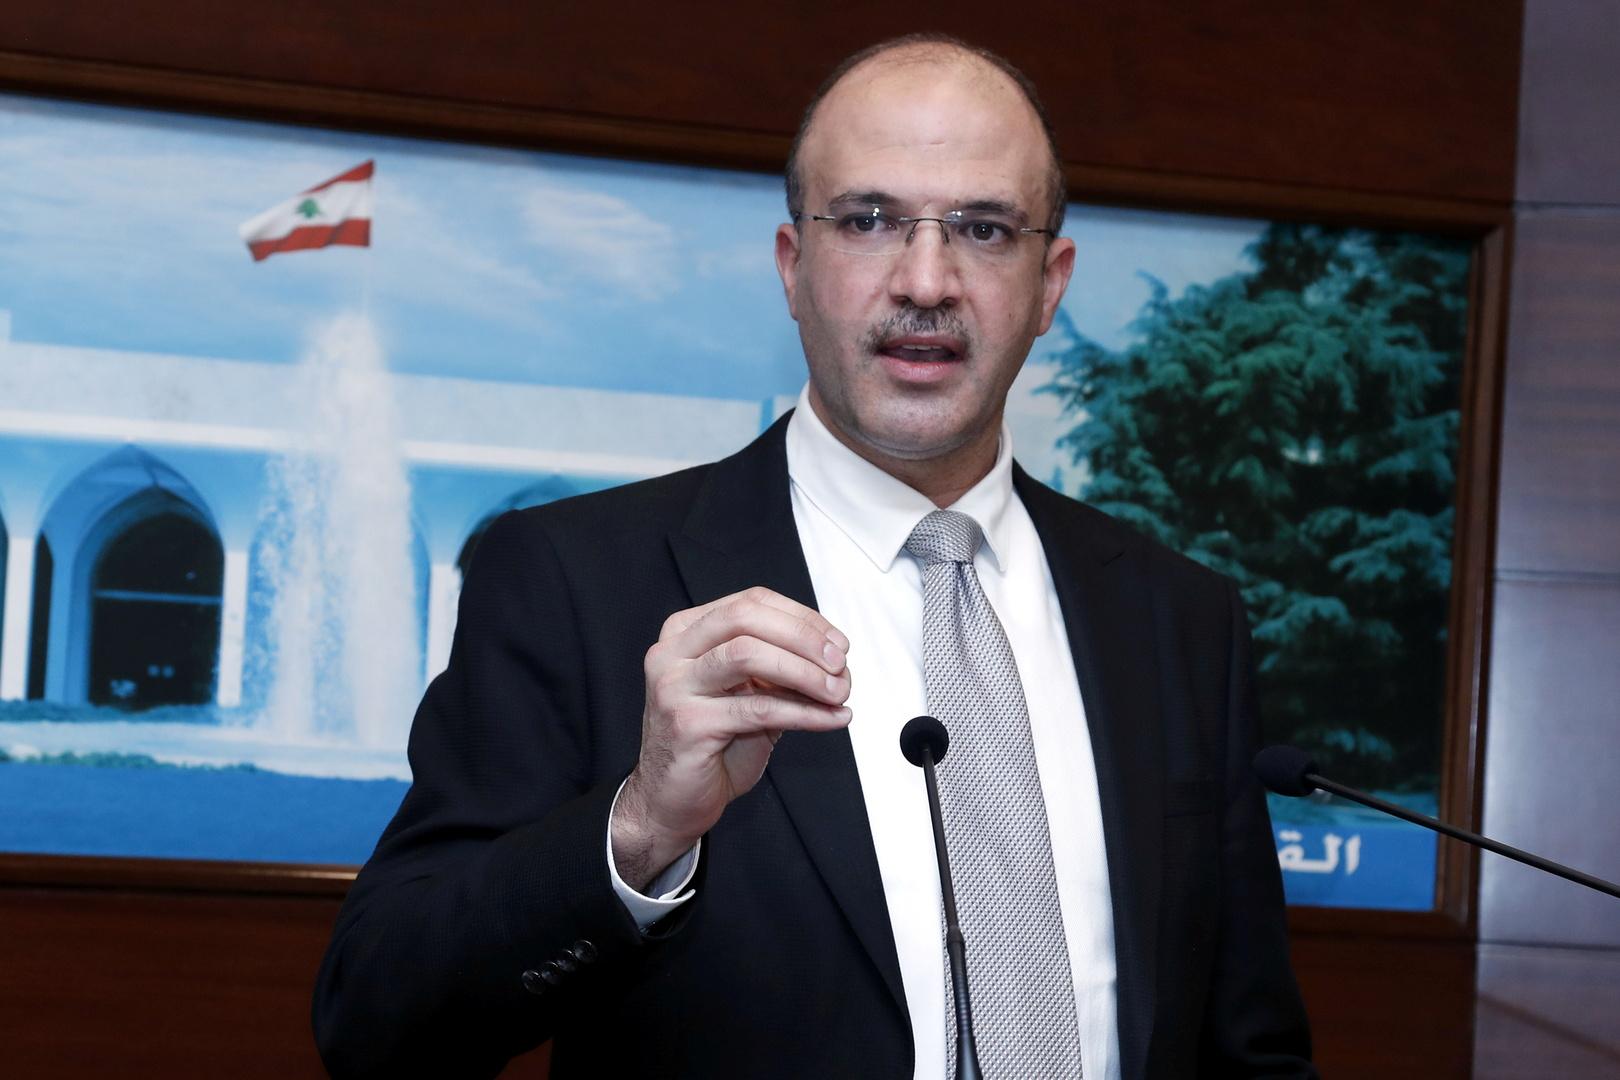 تدفق اللبنانيين إلى وطنهم يثير الخوف من تسونامي كورونا